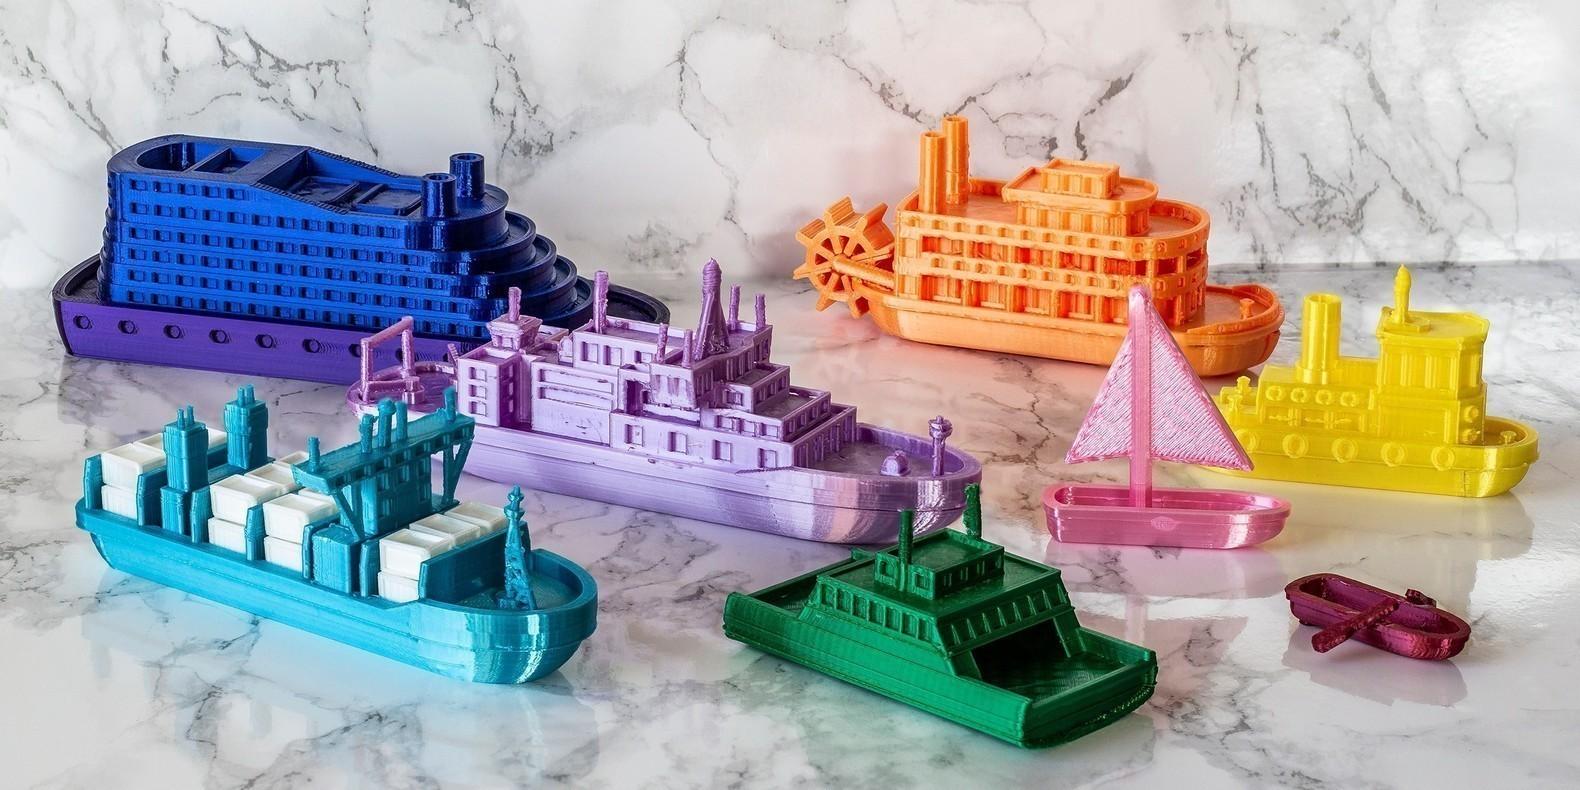 Découvrez dans cette nouvelle collection de modèles 3D tous les fichiers 3D pour imprimantes 3D liés aux bateaux